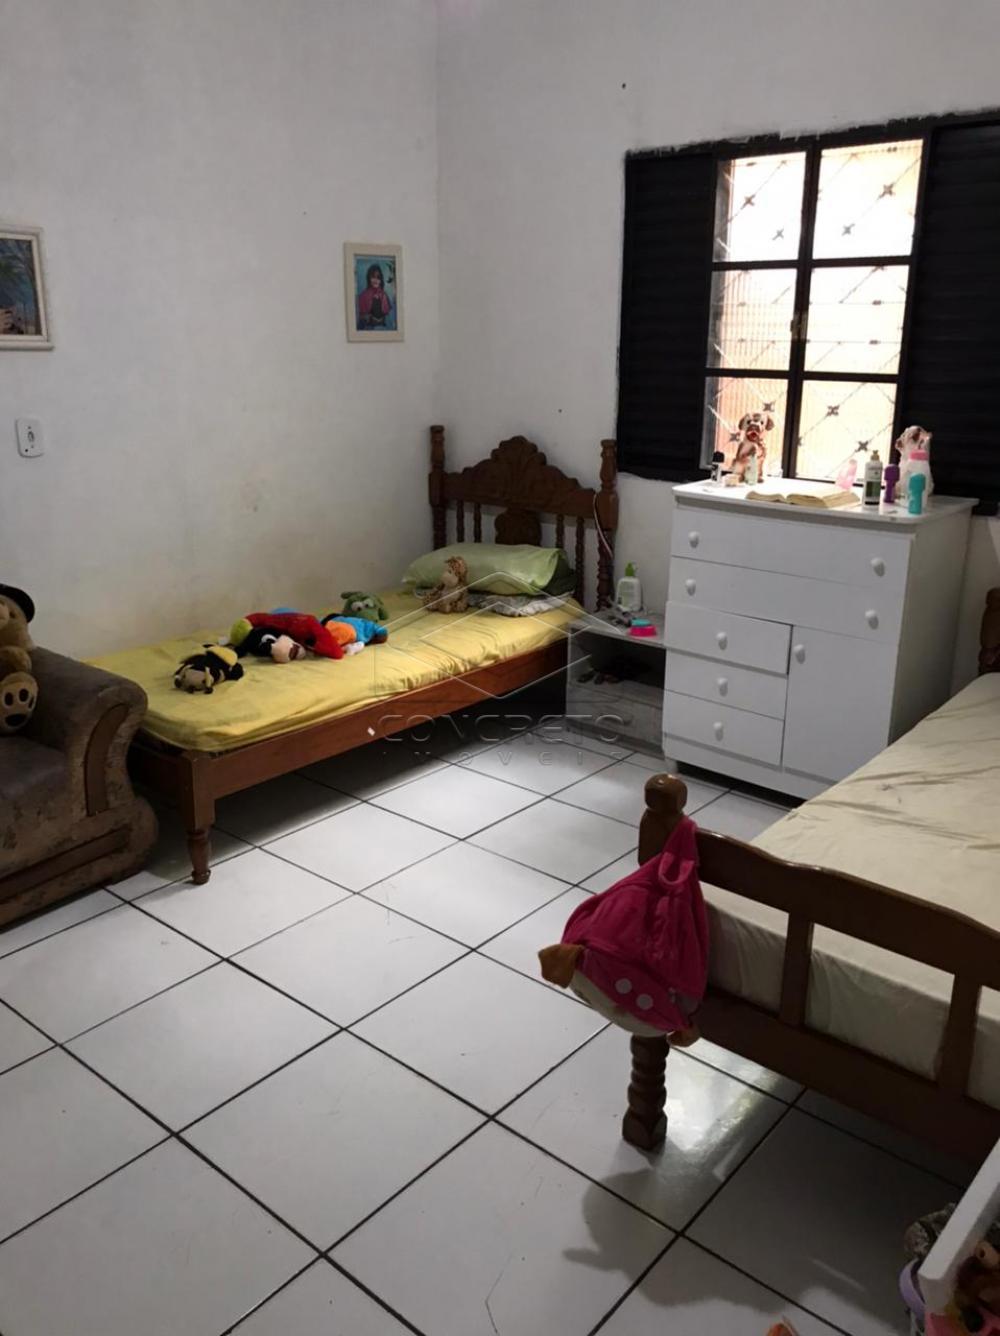 Comprar Casa / Residencia em Jaú apenas R$ 130.000,00 - Foto 5